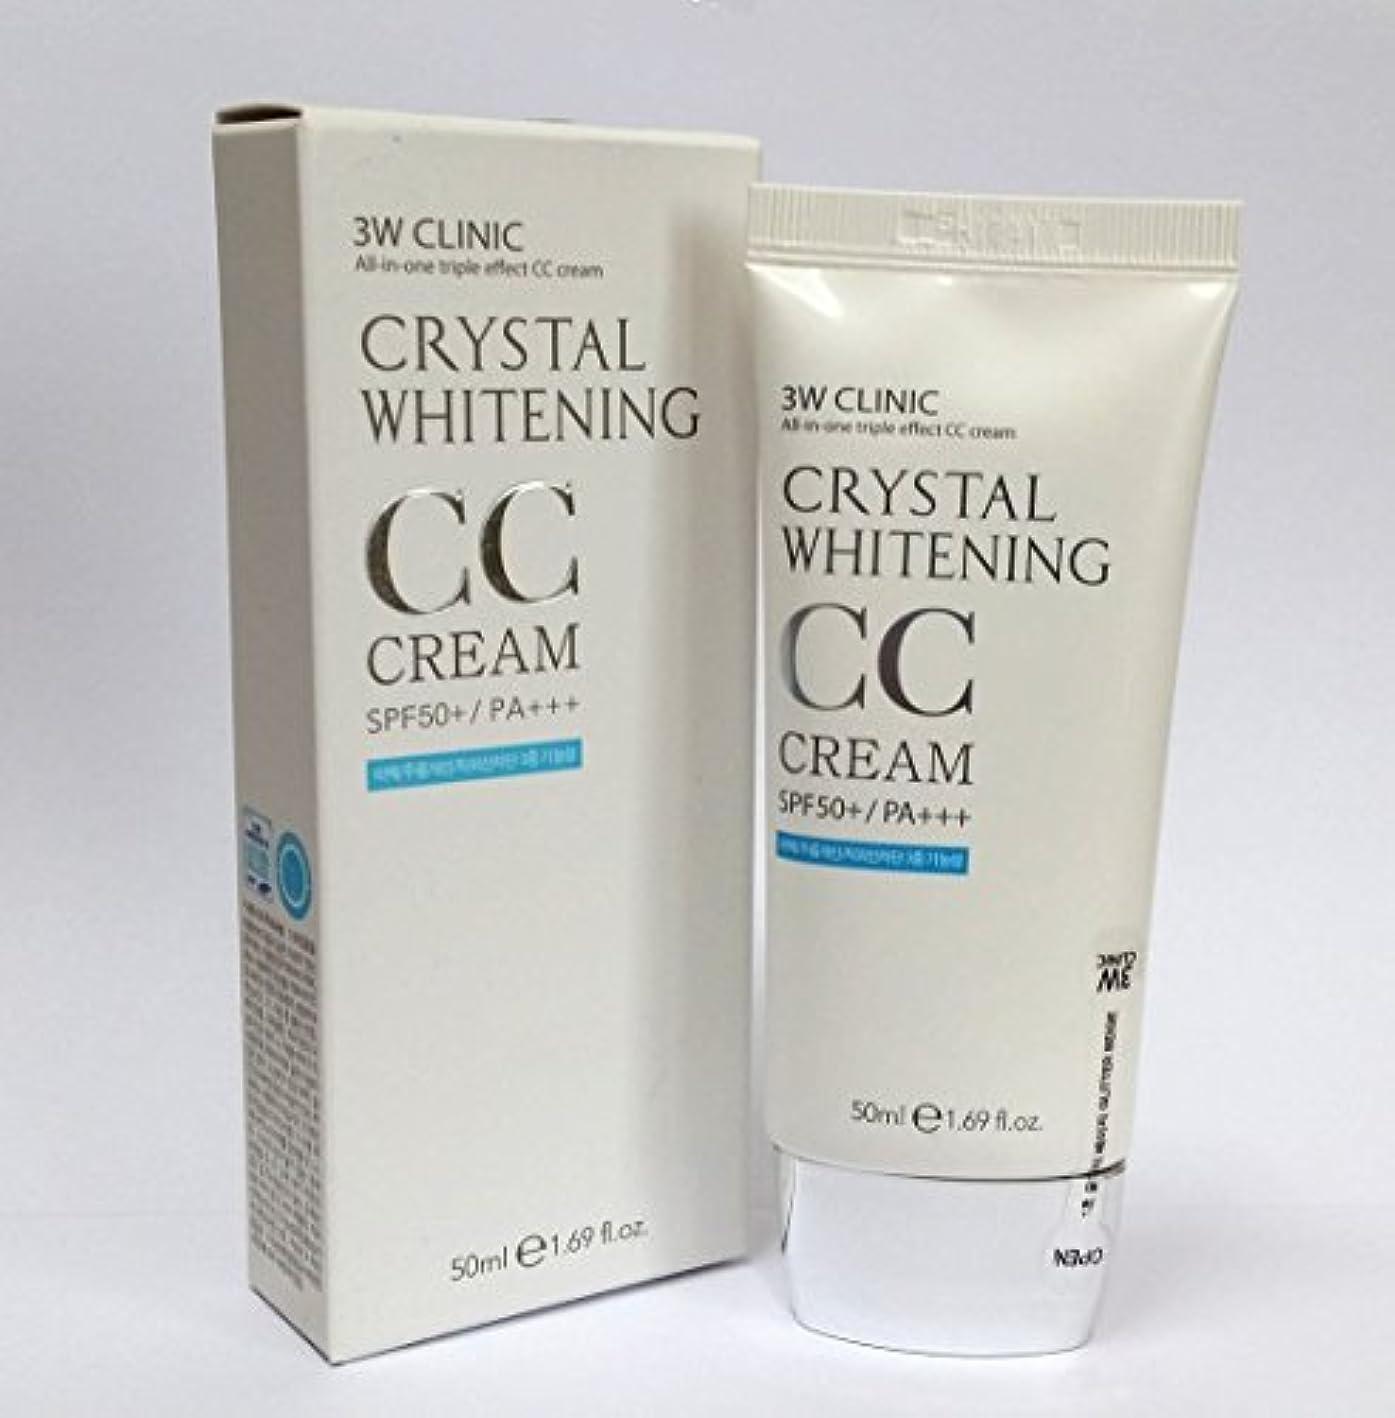 混乱したアラーム特派員[3W CLINIC] クリスタルホワイトニングCCクリーム50ml SPF50 PA +++ / #02 Natural Beige / Crystal Whitening CC Cream 50ml SPF50 PA...